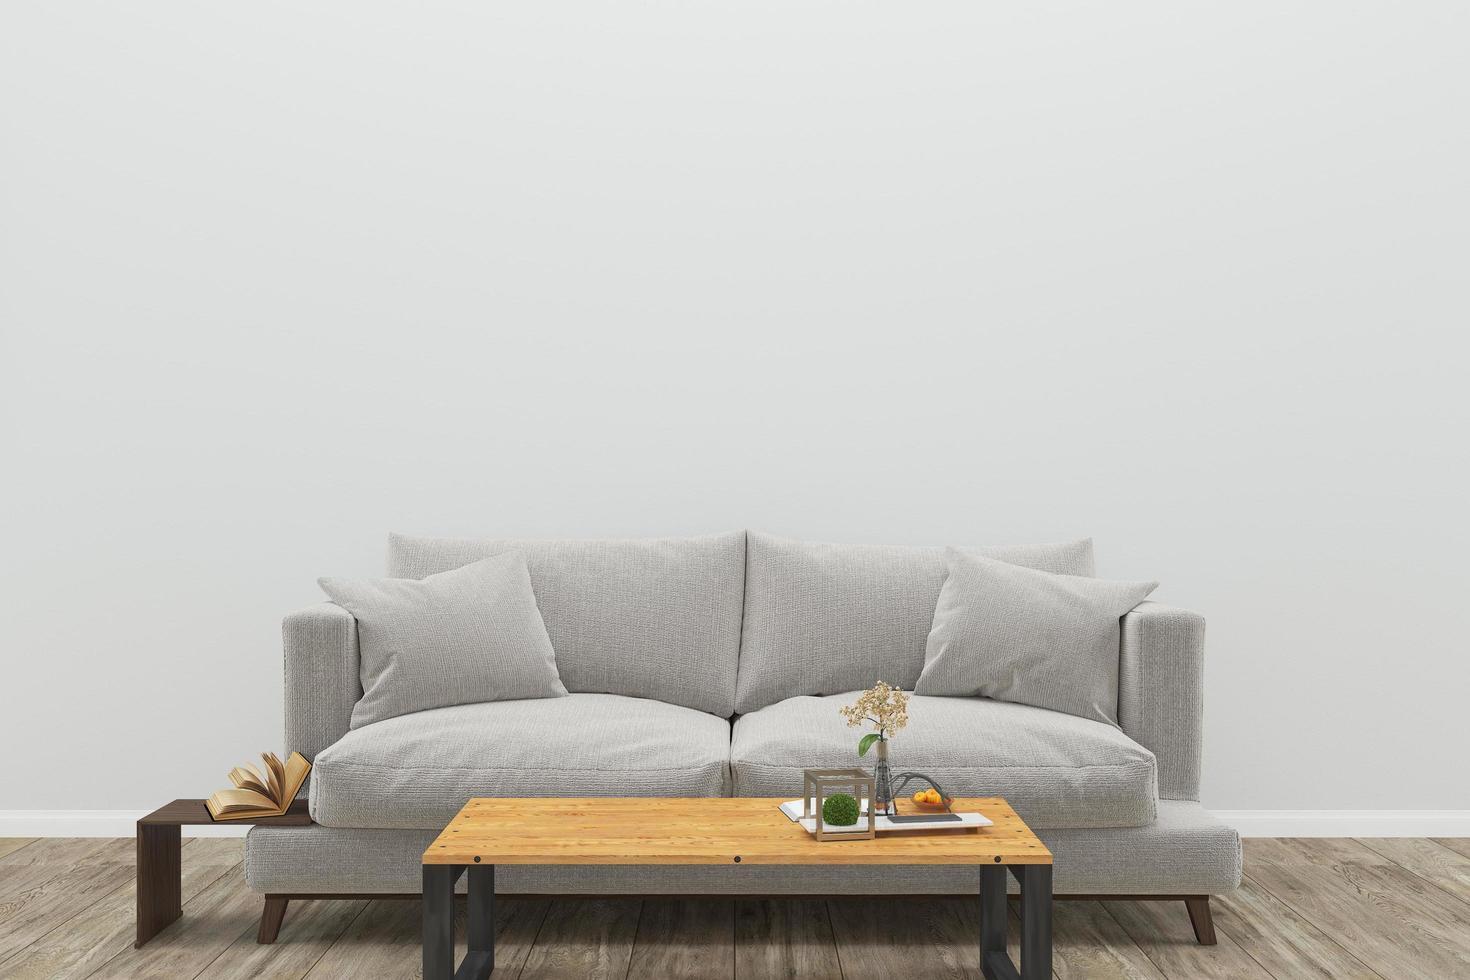 sala de estar con sofá gris y mesita rectangular foto